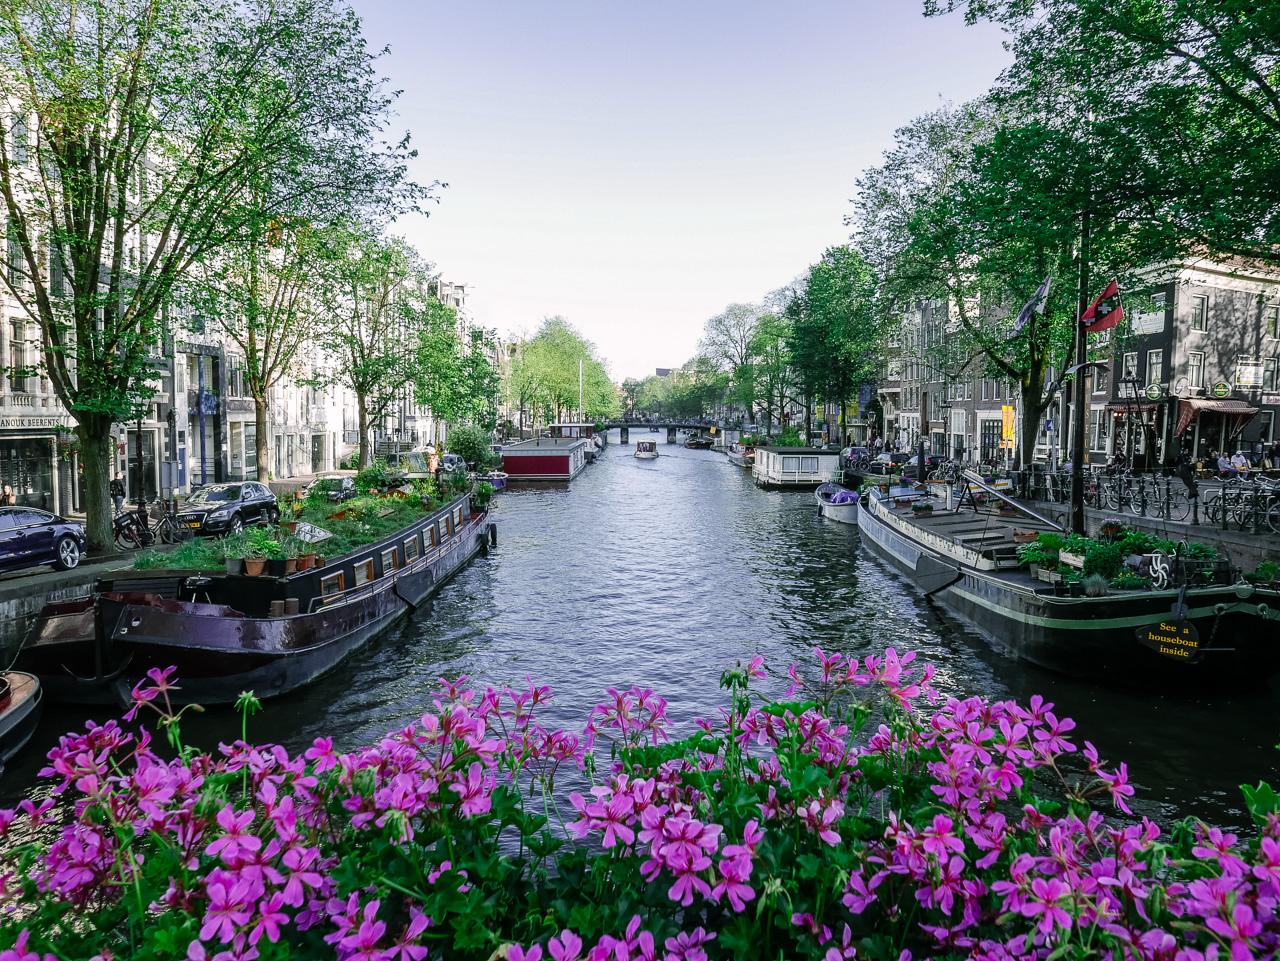 Cara Sharratt Travel - Amsterdam, Netherlands